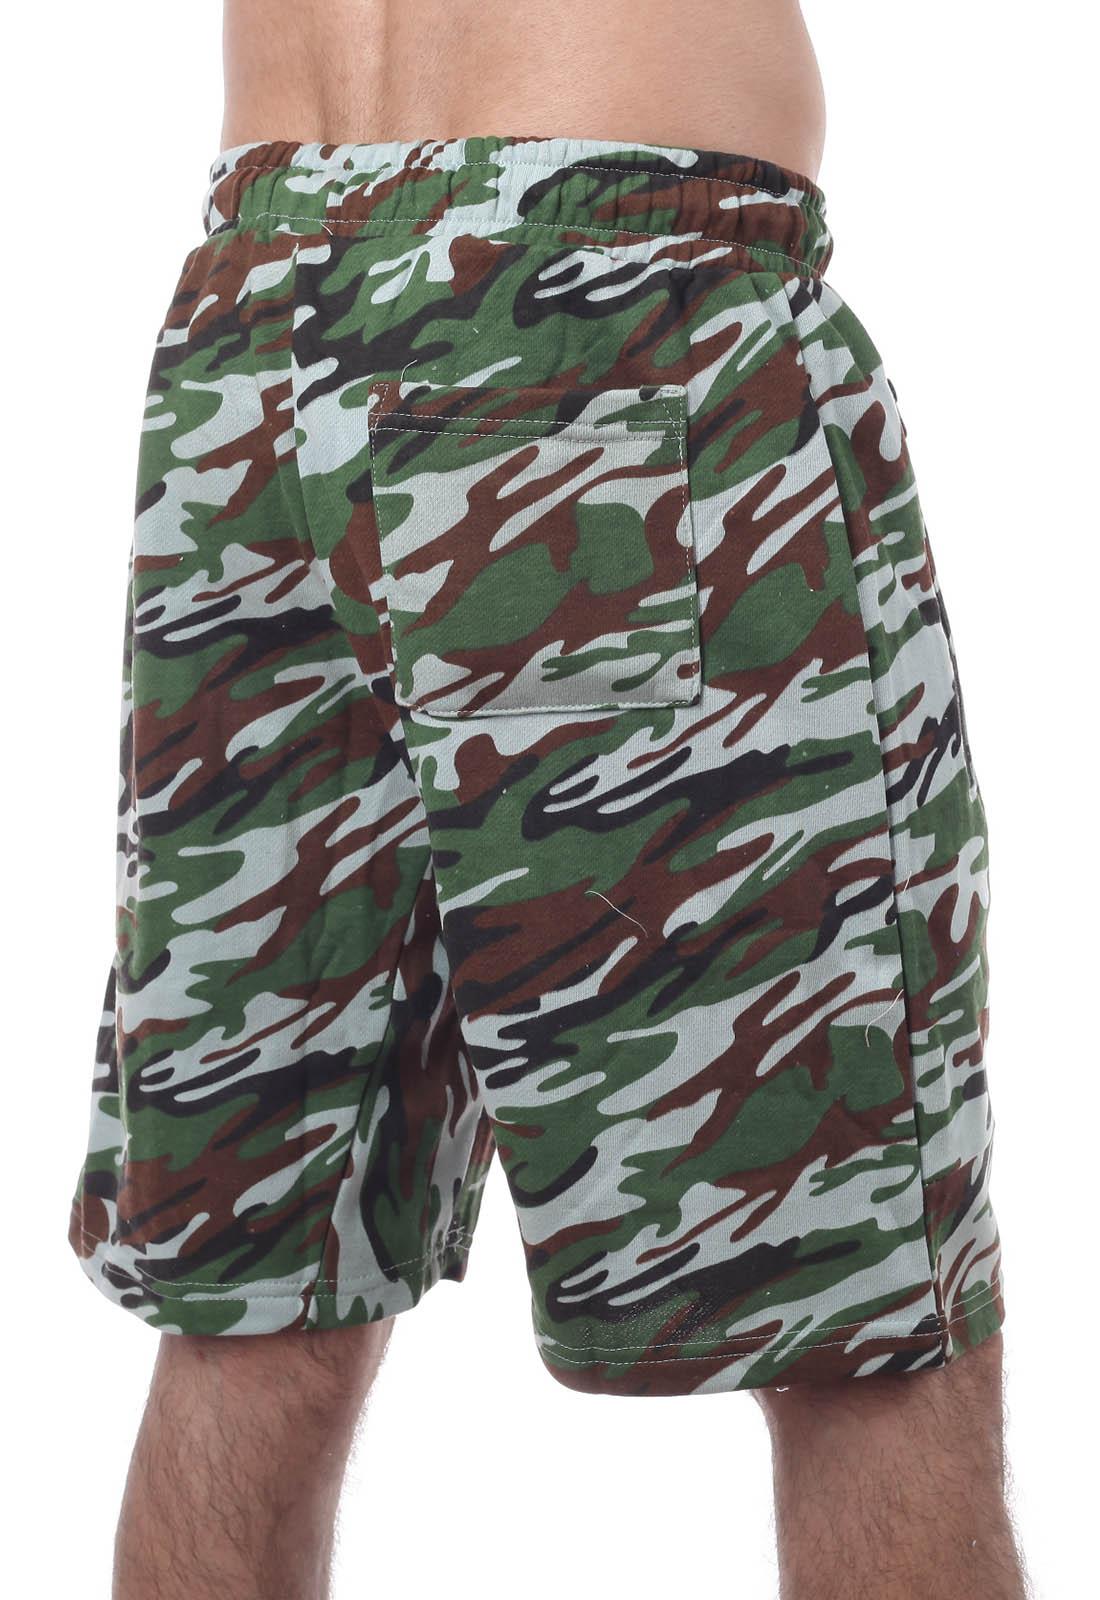 Уставная одежда спецназовцев: шорты, футболки и другие предложения по супер цене